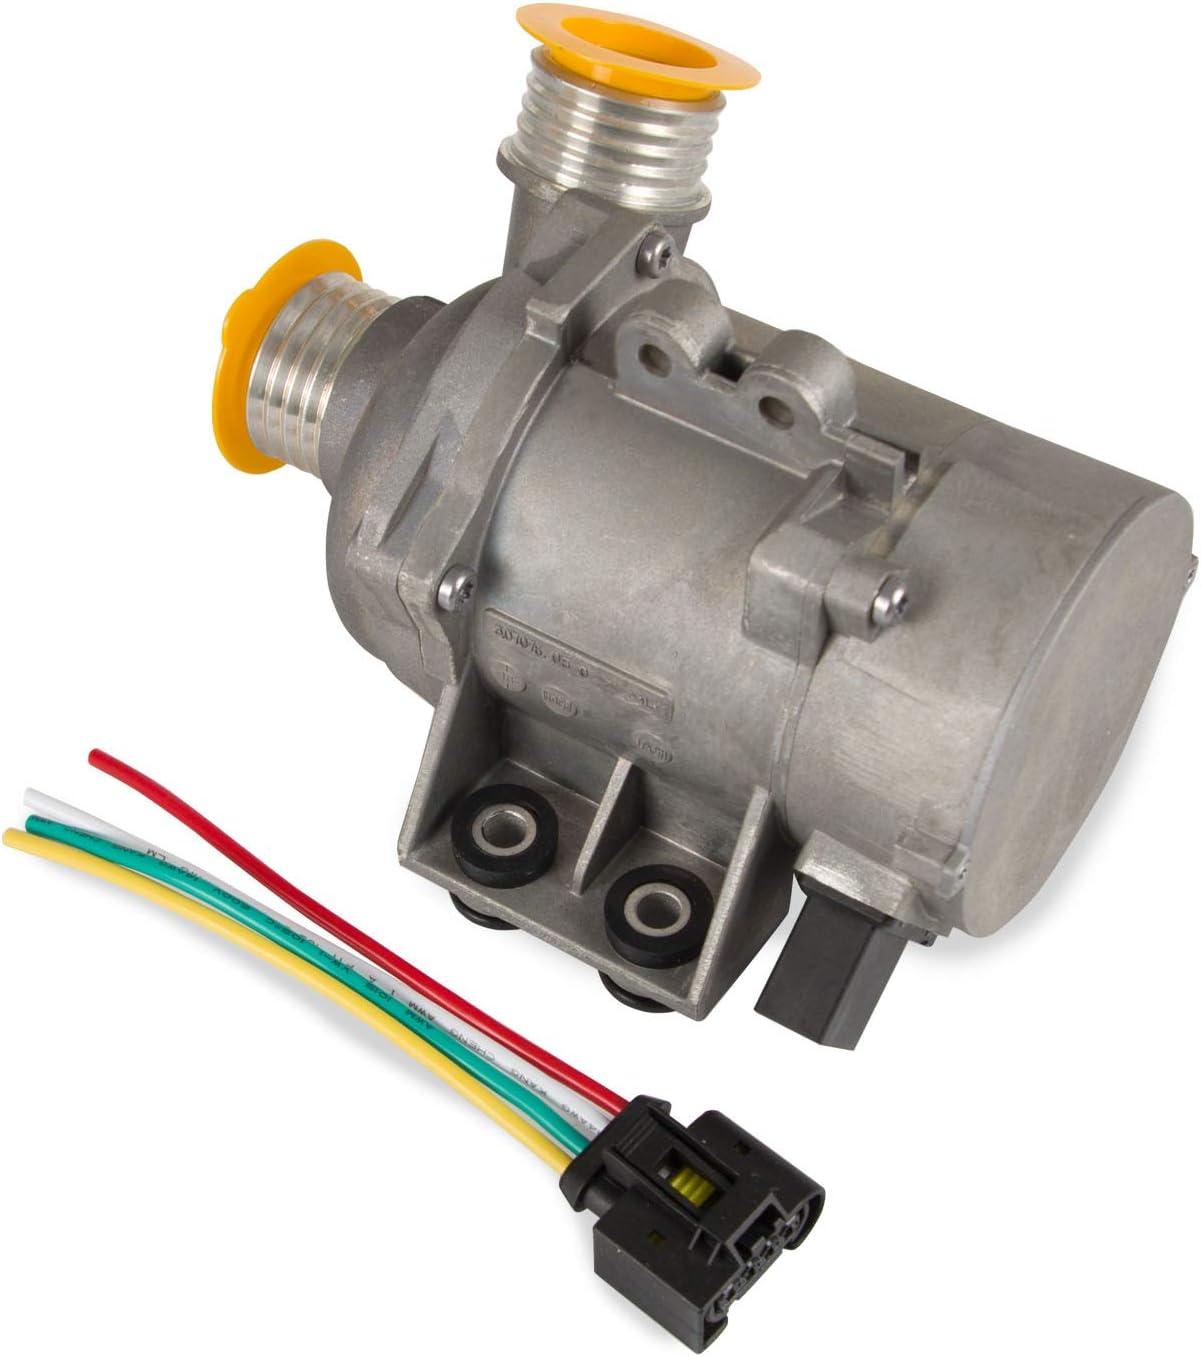 Electric Engine Water Pump for BMW X3 X5 Z4 128i 325i 328i 528i 530xi E81 E90 E91 E92 E93 E60 E61 E63 Replace Part Nmuber 11517586925, 702851208, 11517563183, 11510392553 (Silver)